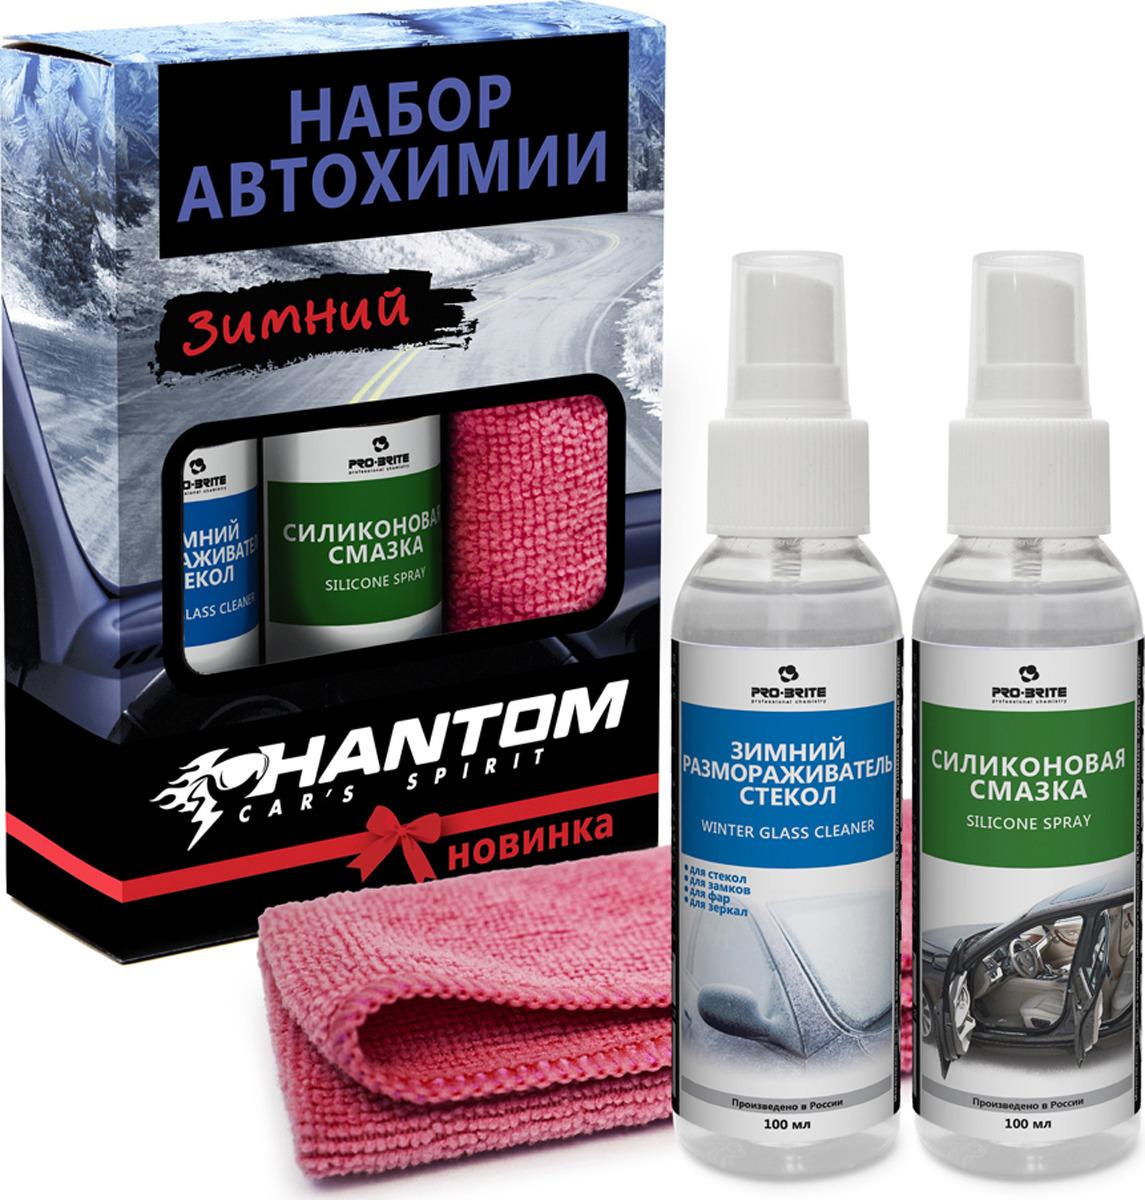 Набор автохимии Phantom Смазка силиконовая, 100 мл + Размораживатель стекол зимний, 100 мл + Салфетка универсальная, 30 х 30 см, PH4304 смазка силиконовая вмпавто универсальная